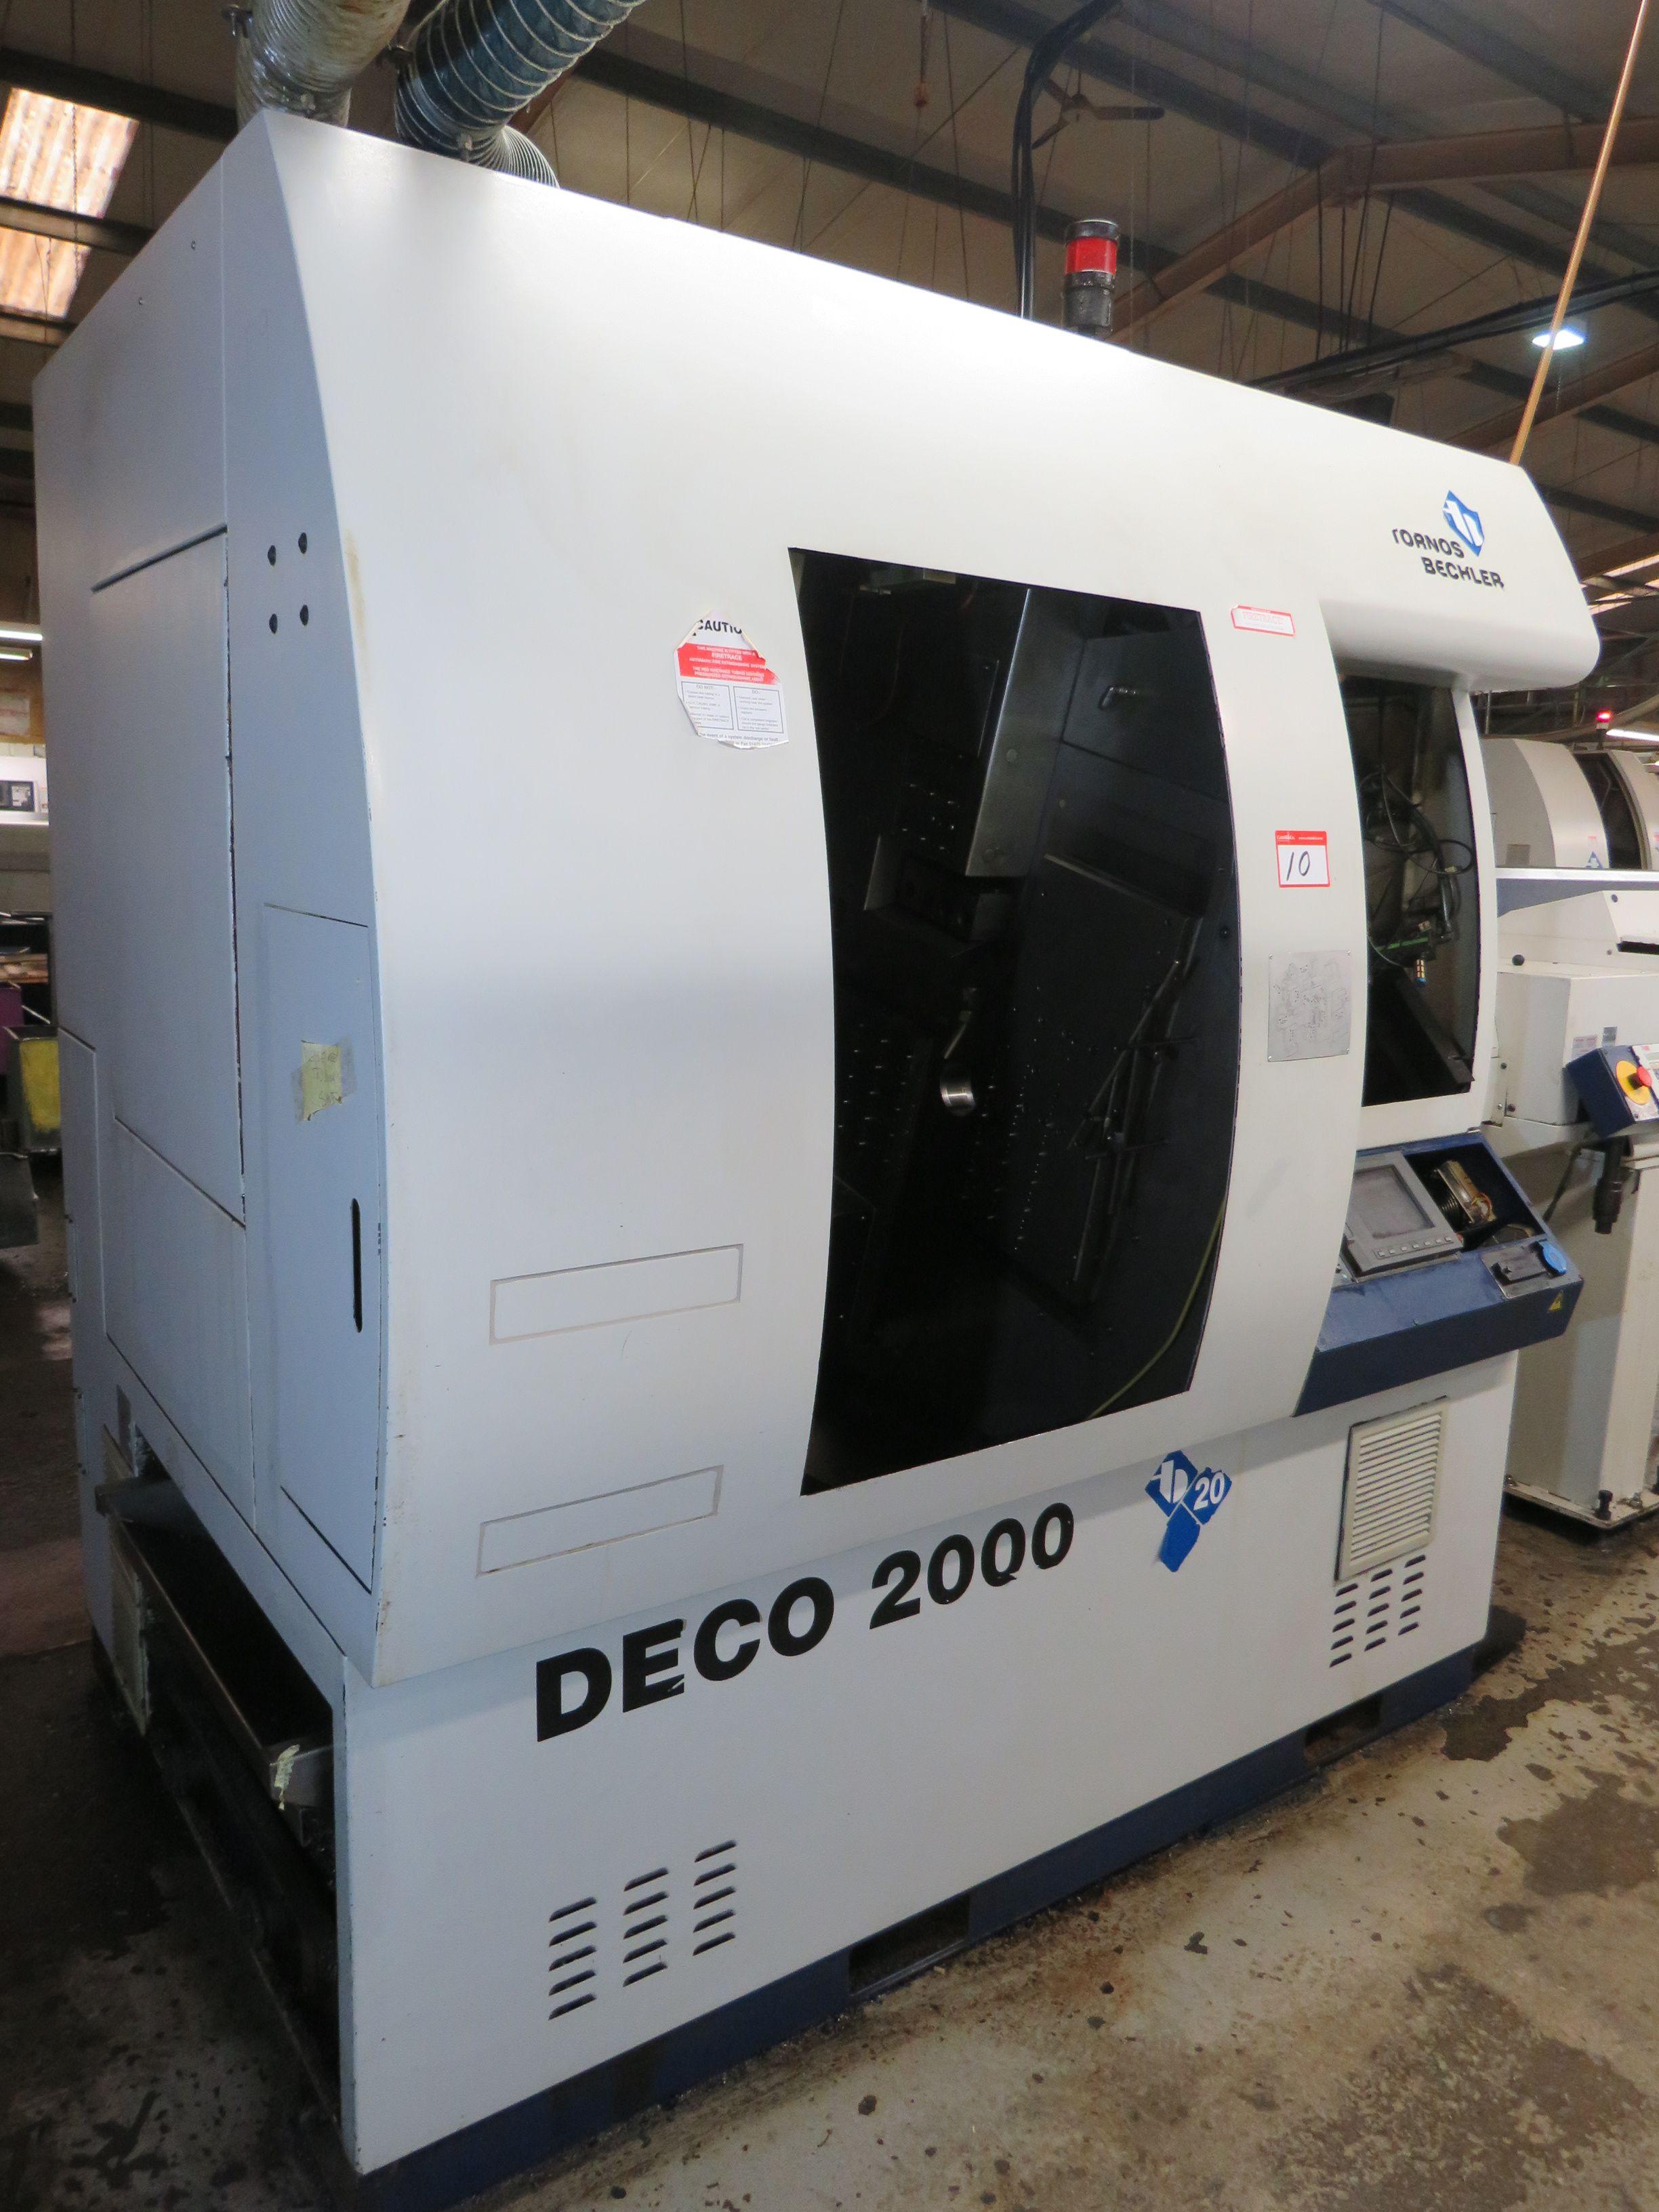 Tornos Deco 2000 Schweizer CNC-Drehmaschine